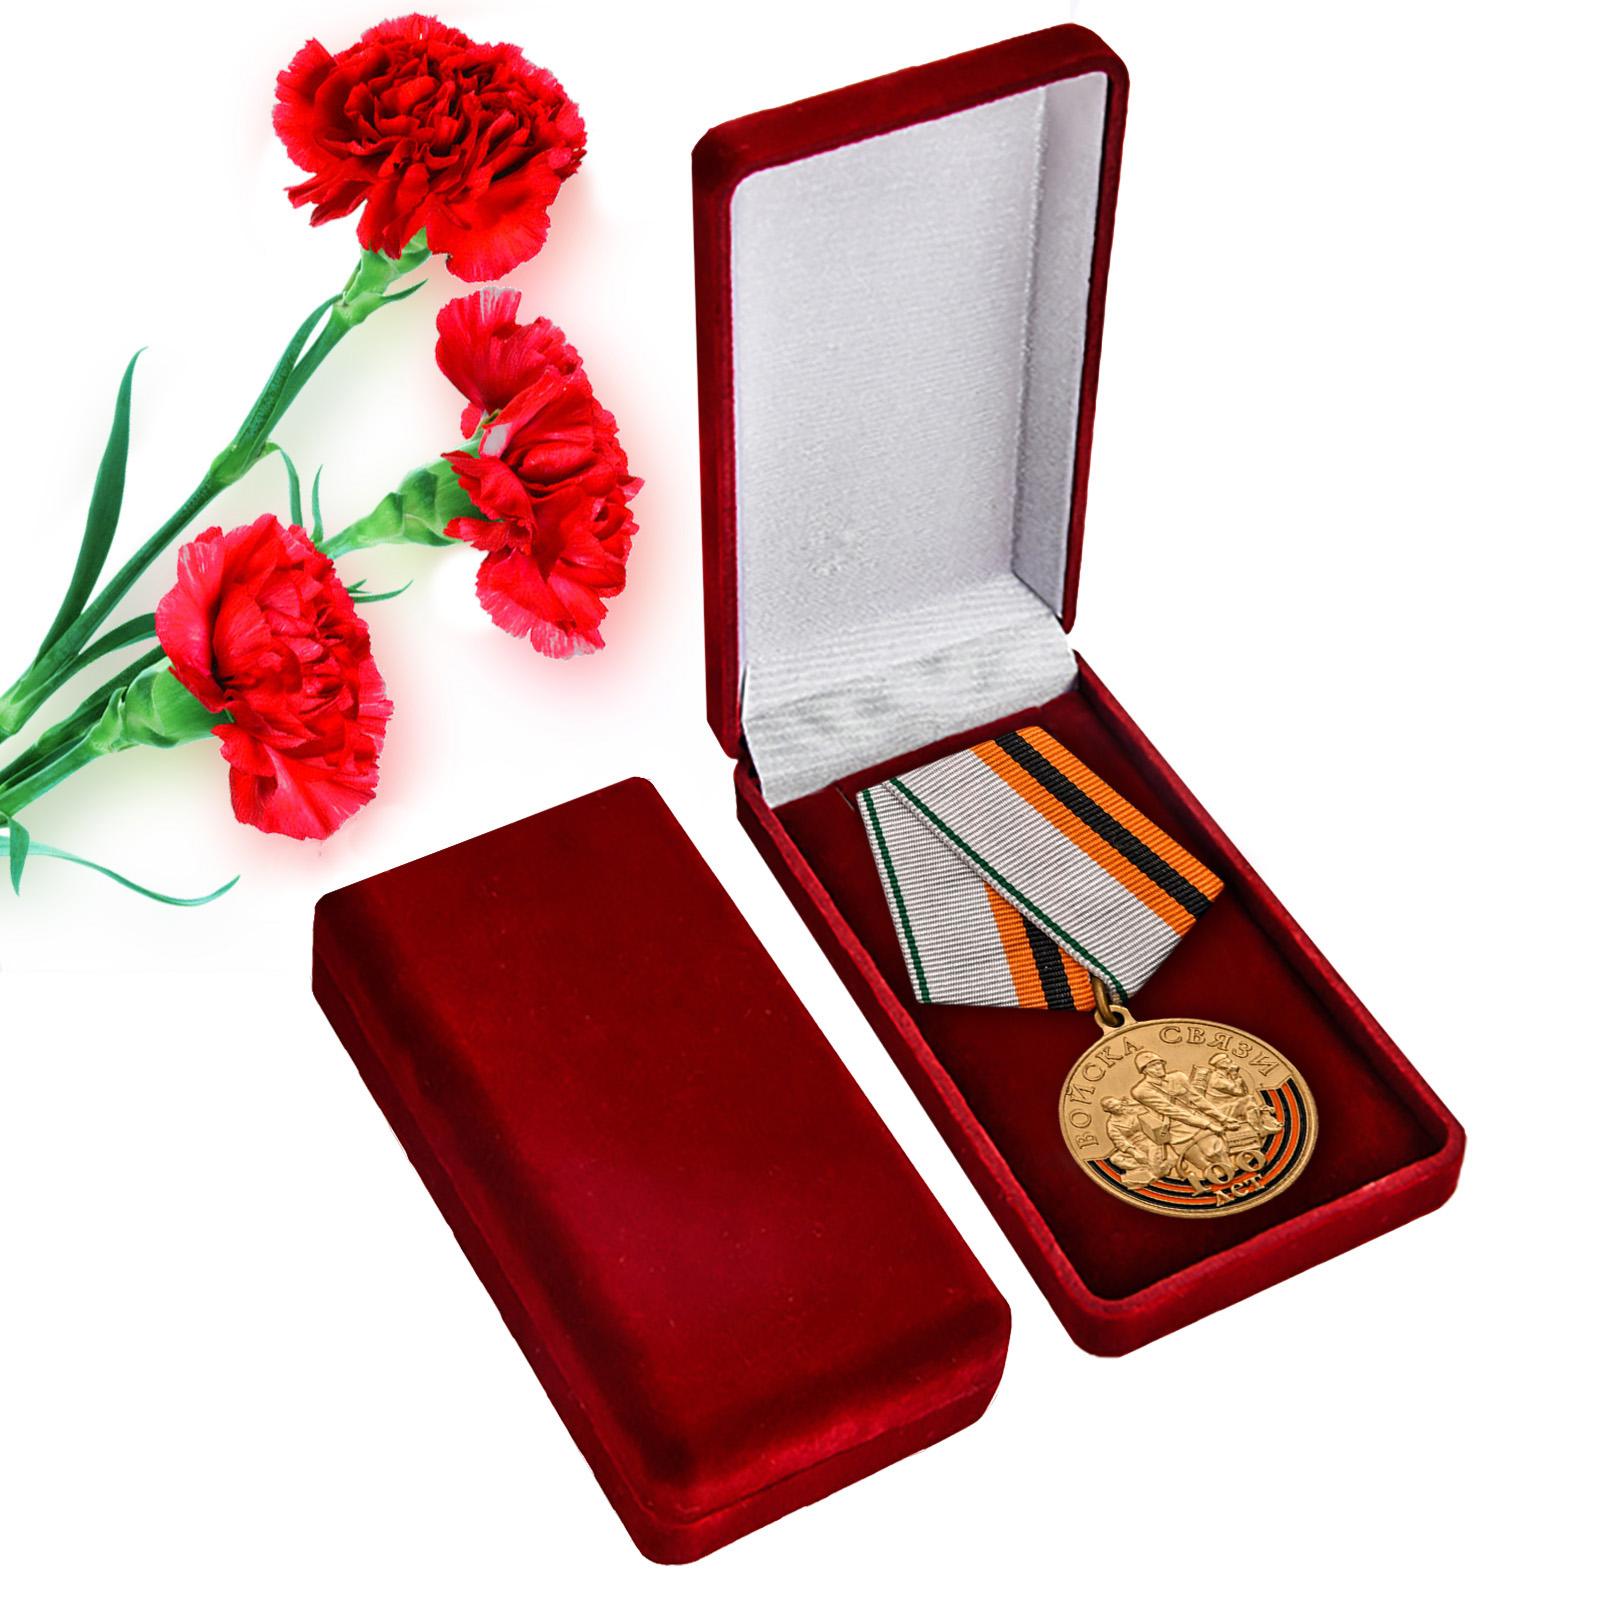 Купить медаль 100 лет Войскам связи в подарочном футляре по лучшей цене